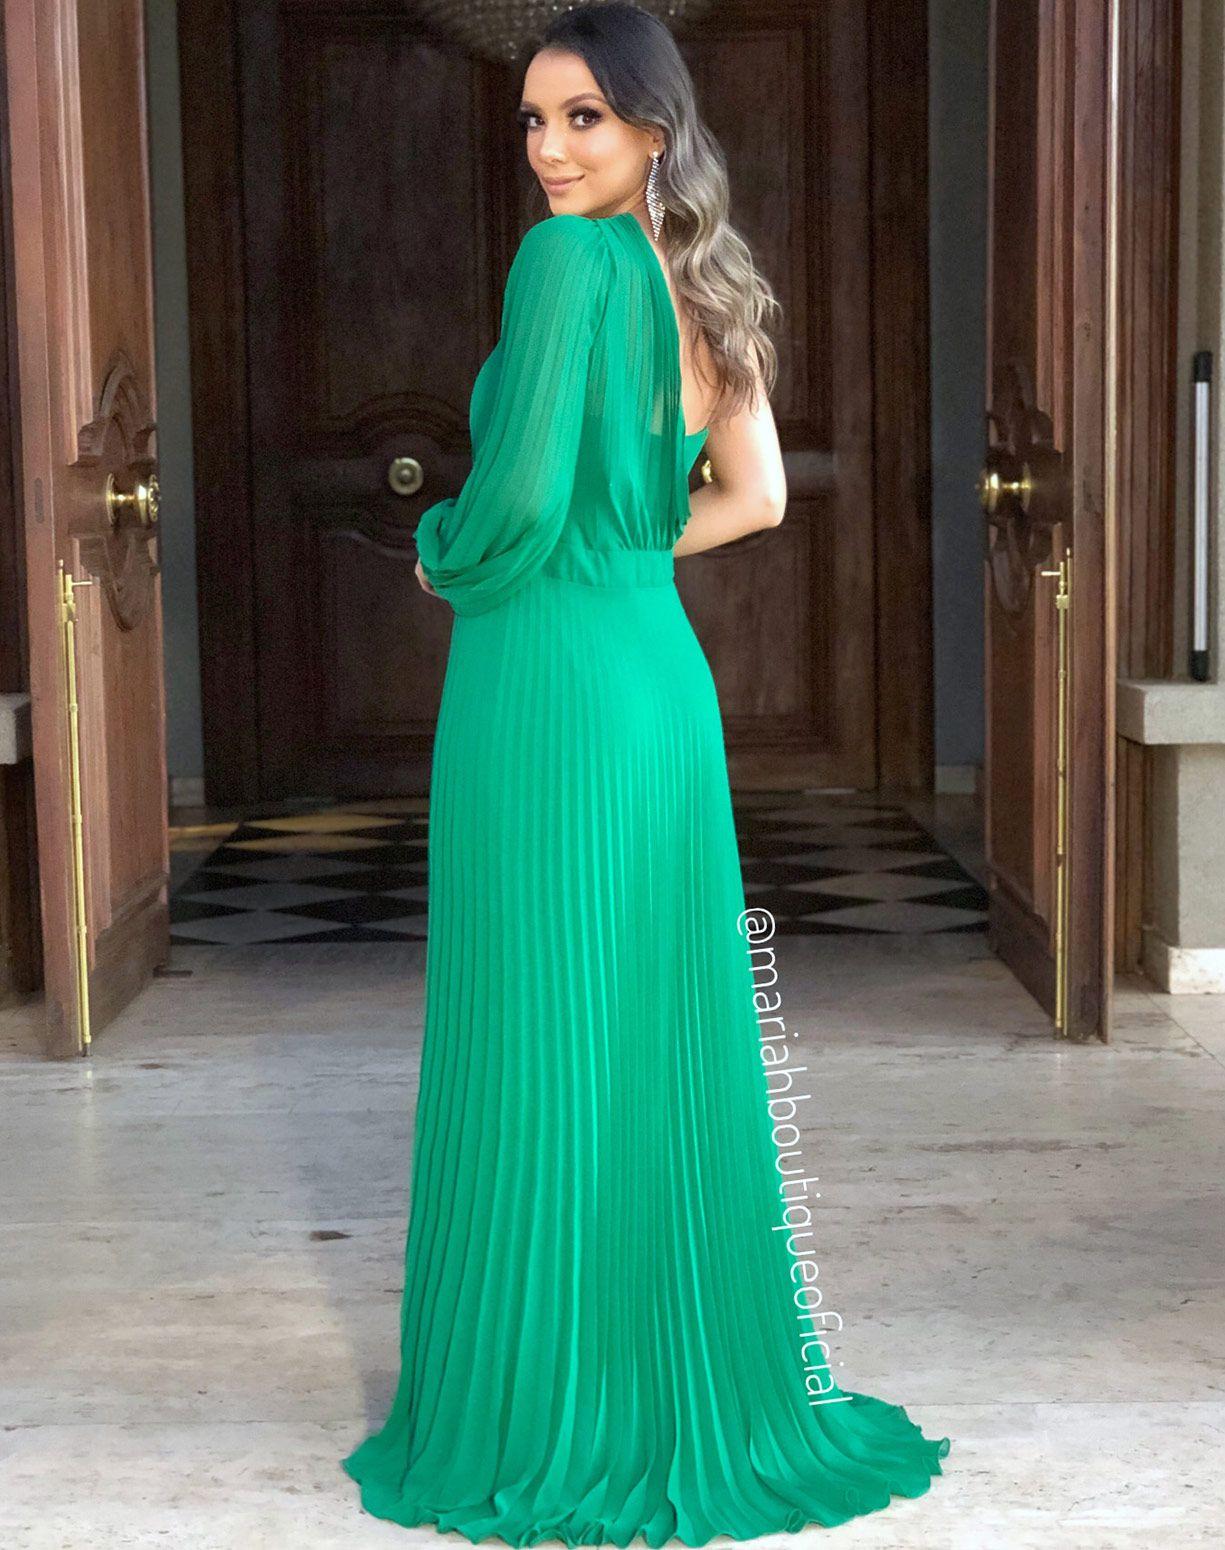 Vestido Verde Plissado de Um Ombro Só